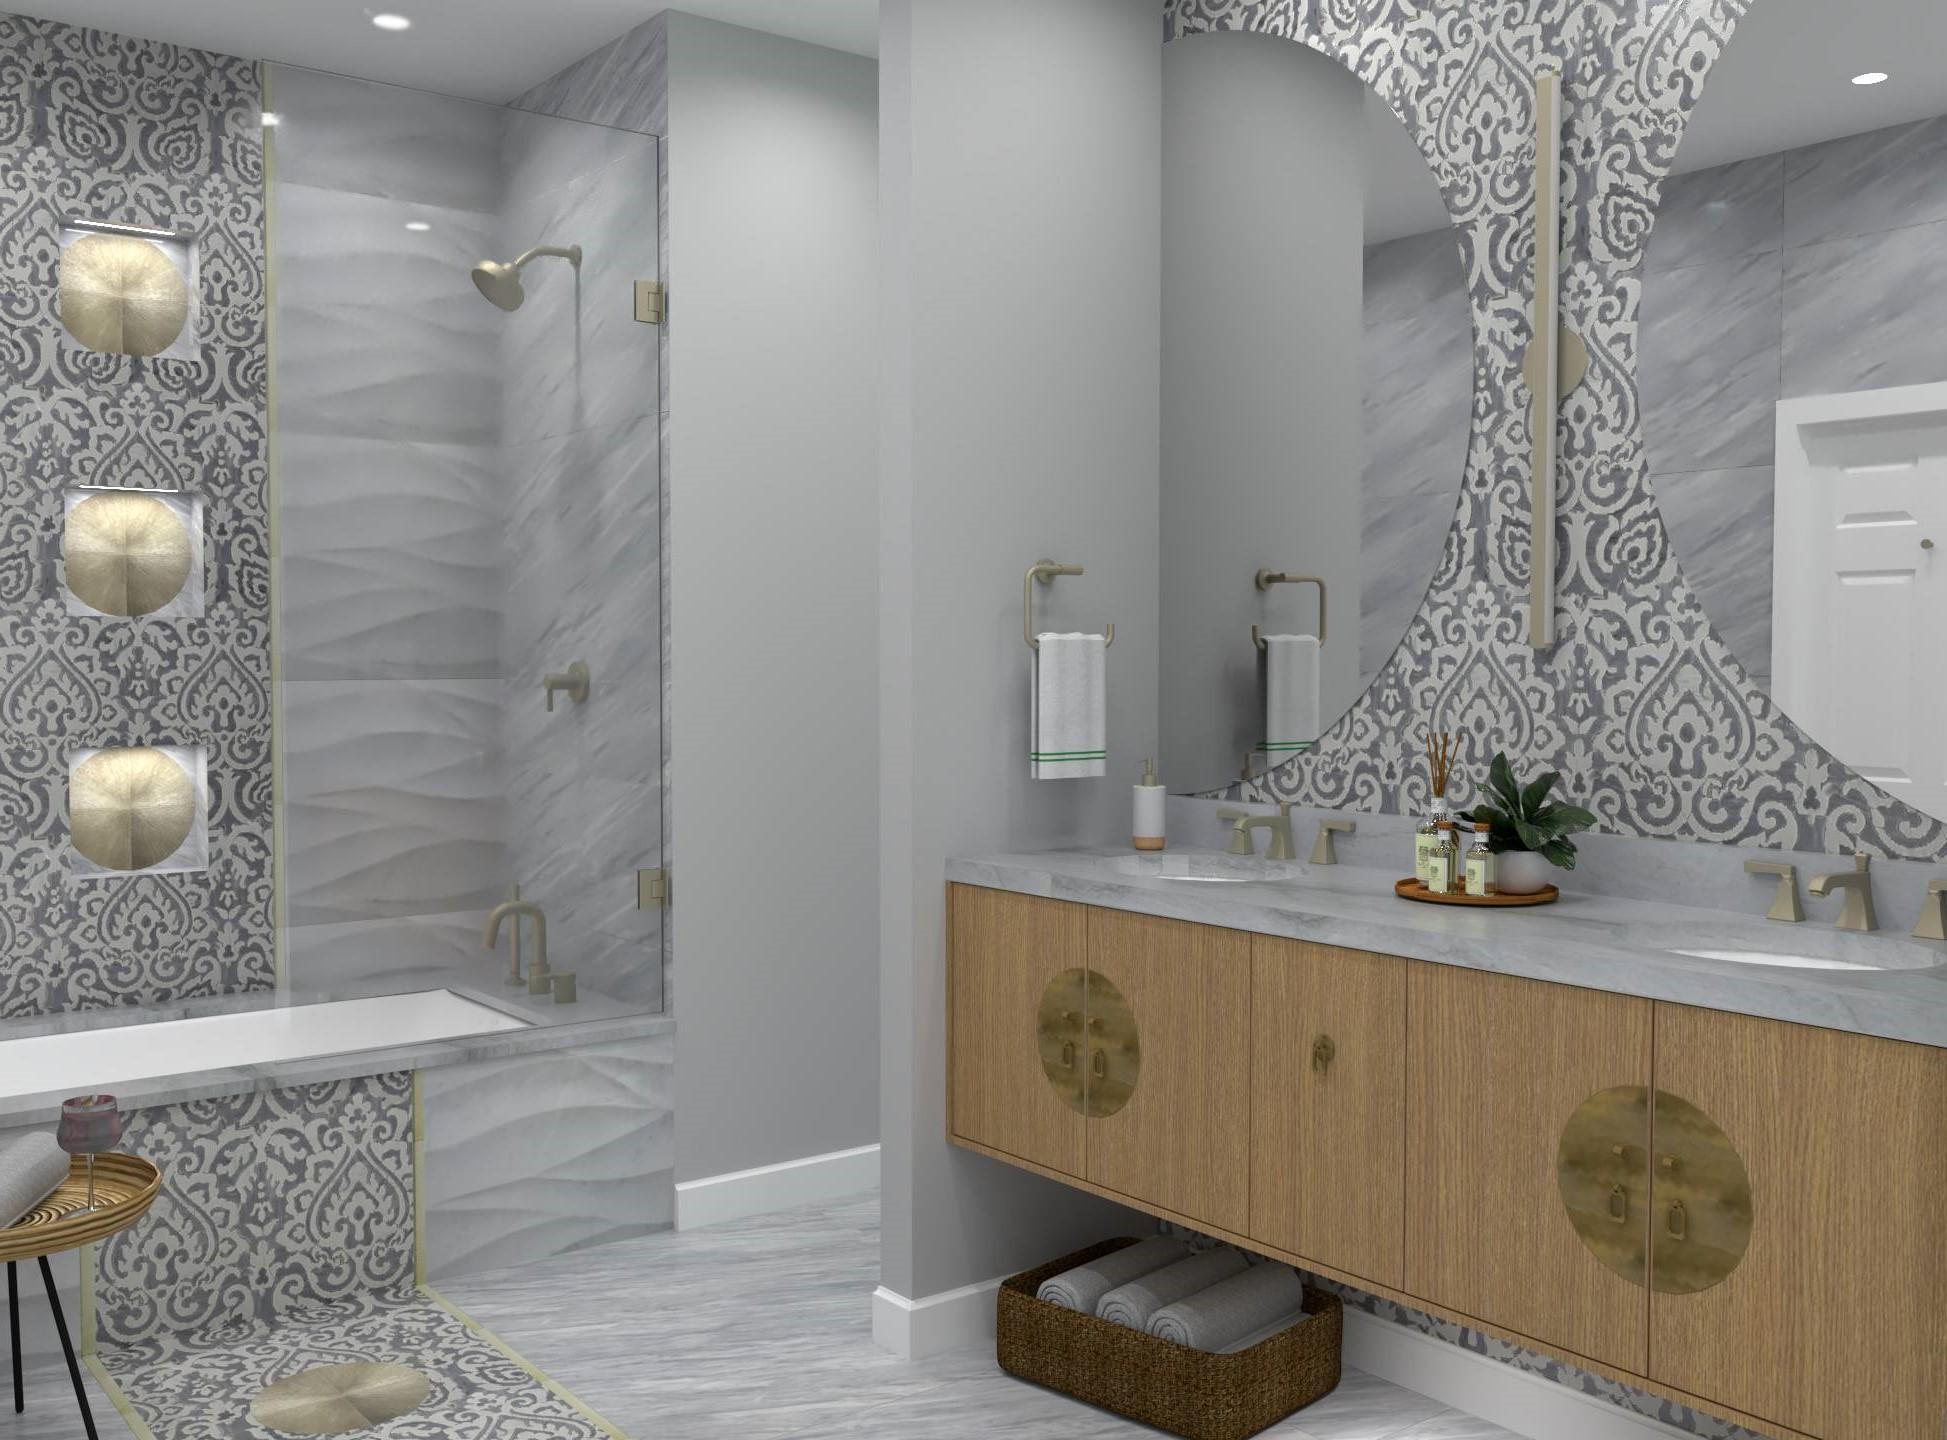 Salle de bain zen dans des tons neutres.